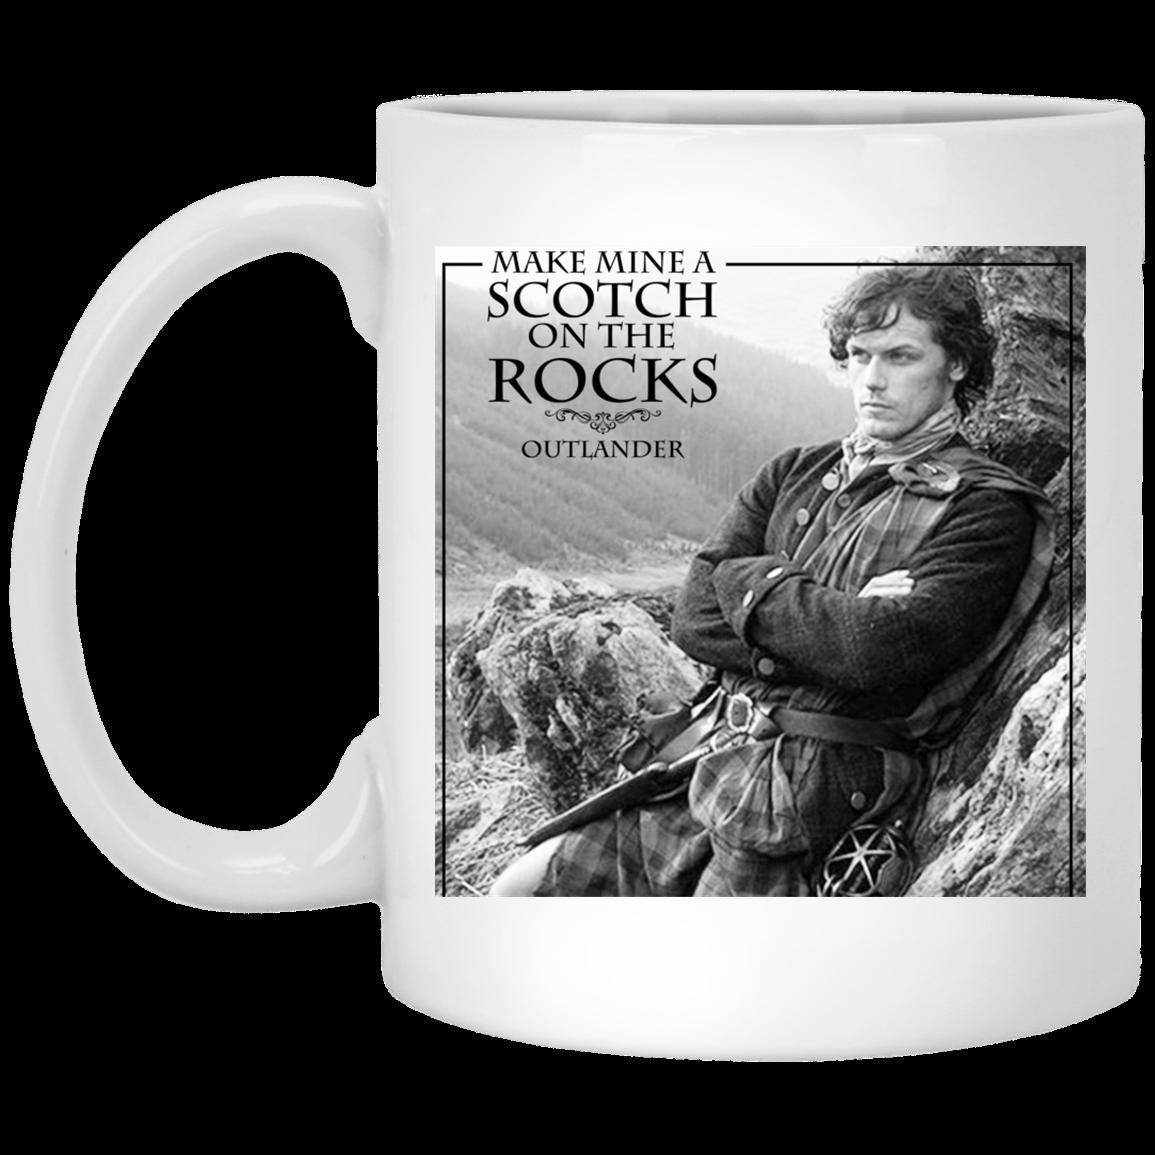 Make Mine A Scotch On The Rocks Outlander Mug